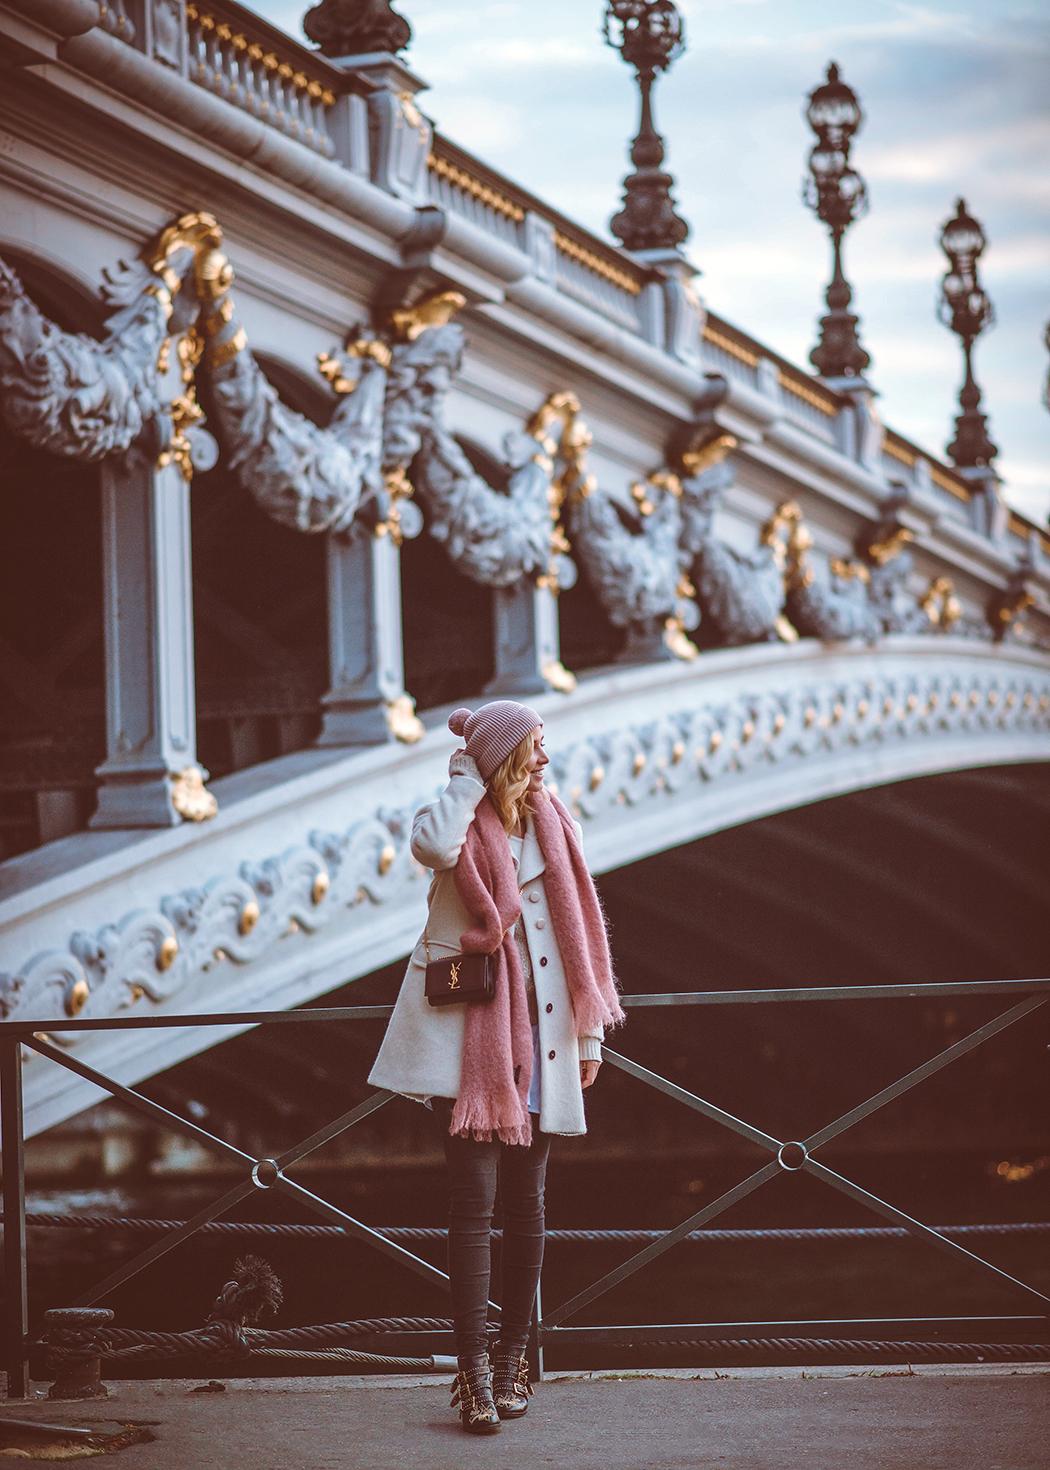 fashionblog-fashionblogger-fashion-blog-blogger-paris-muenchen-lindarella-weisser-mantel-2-web